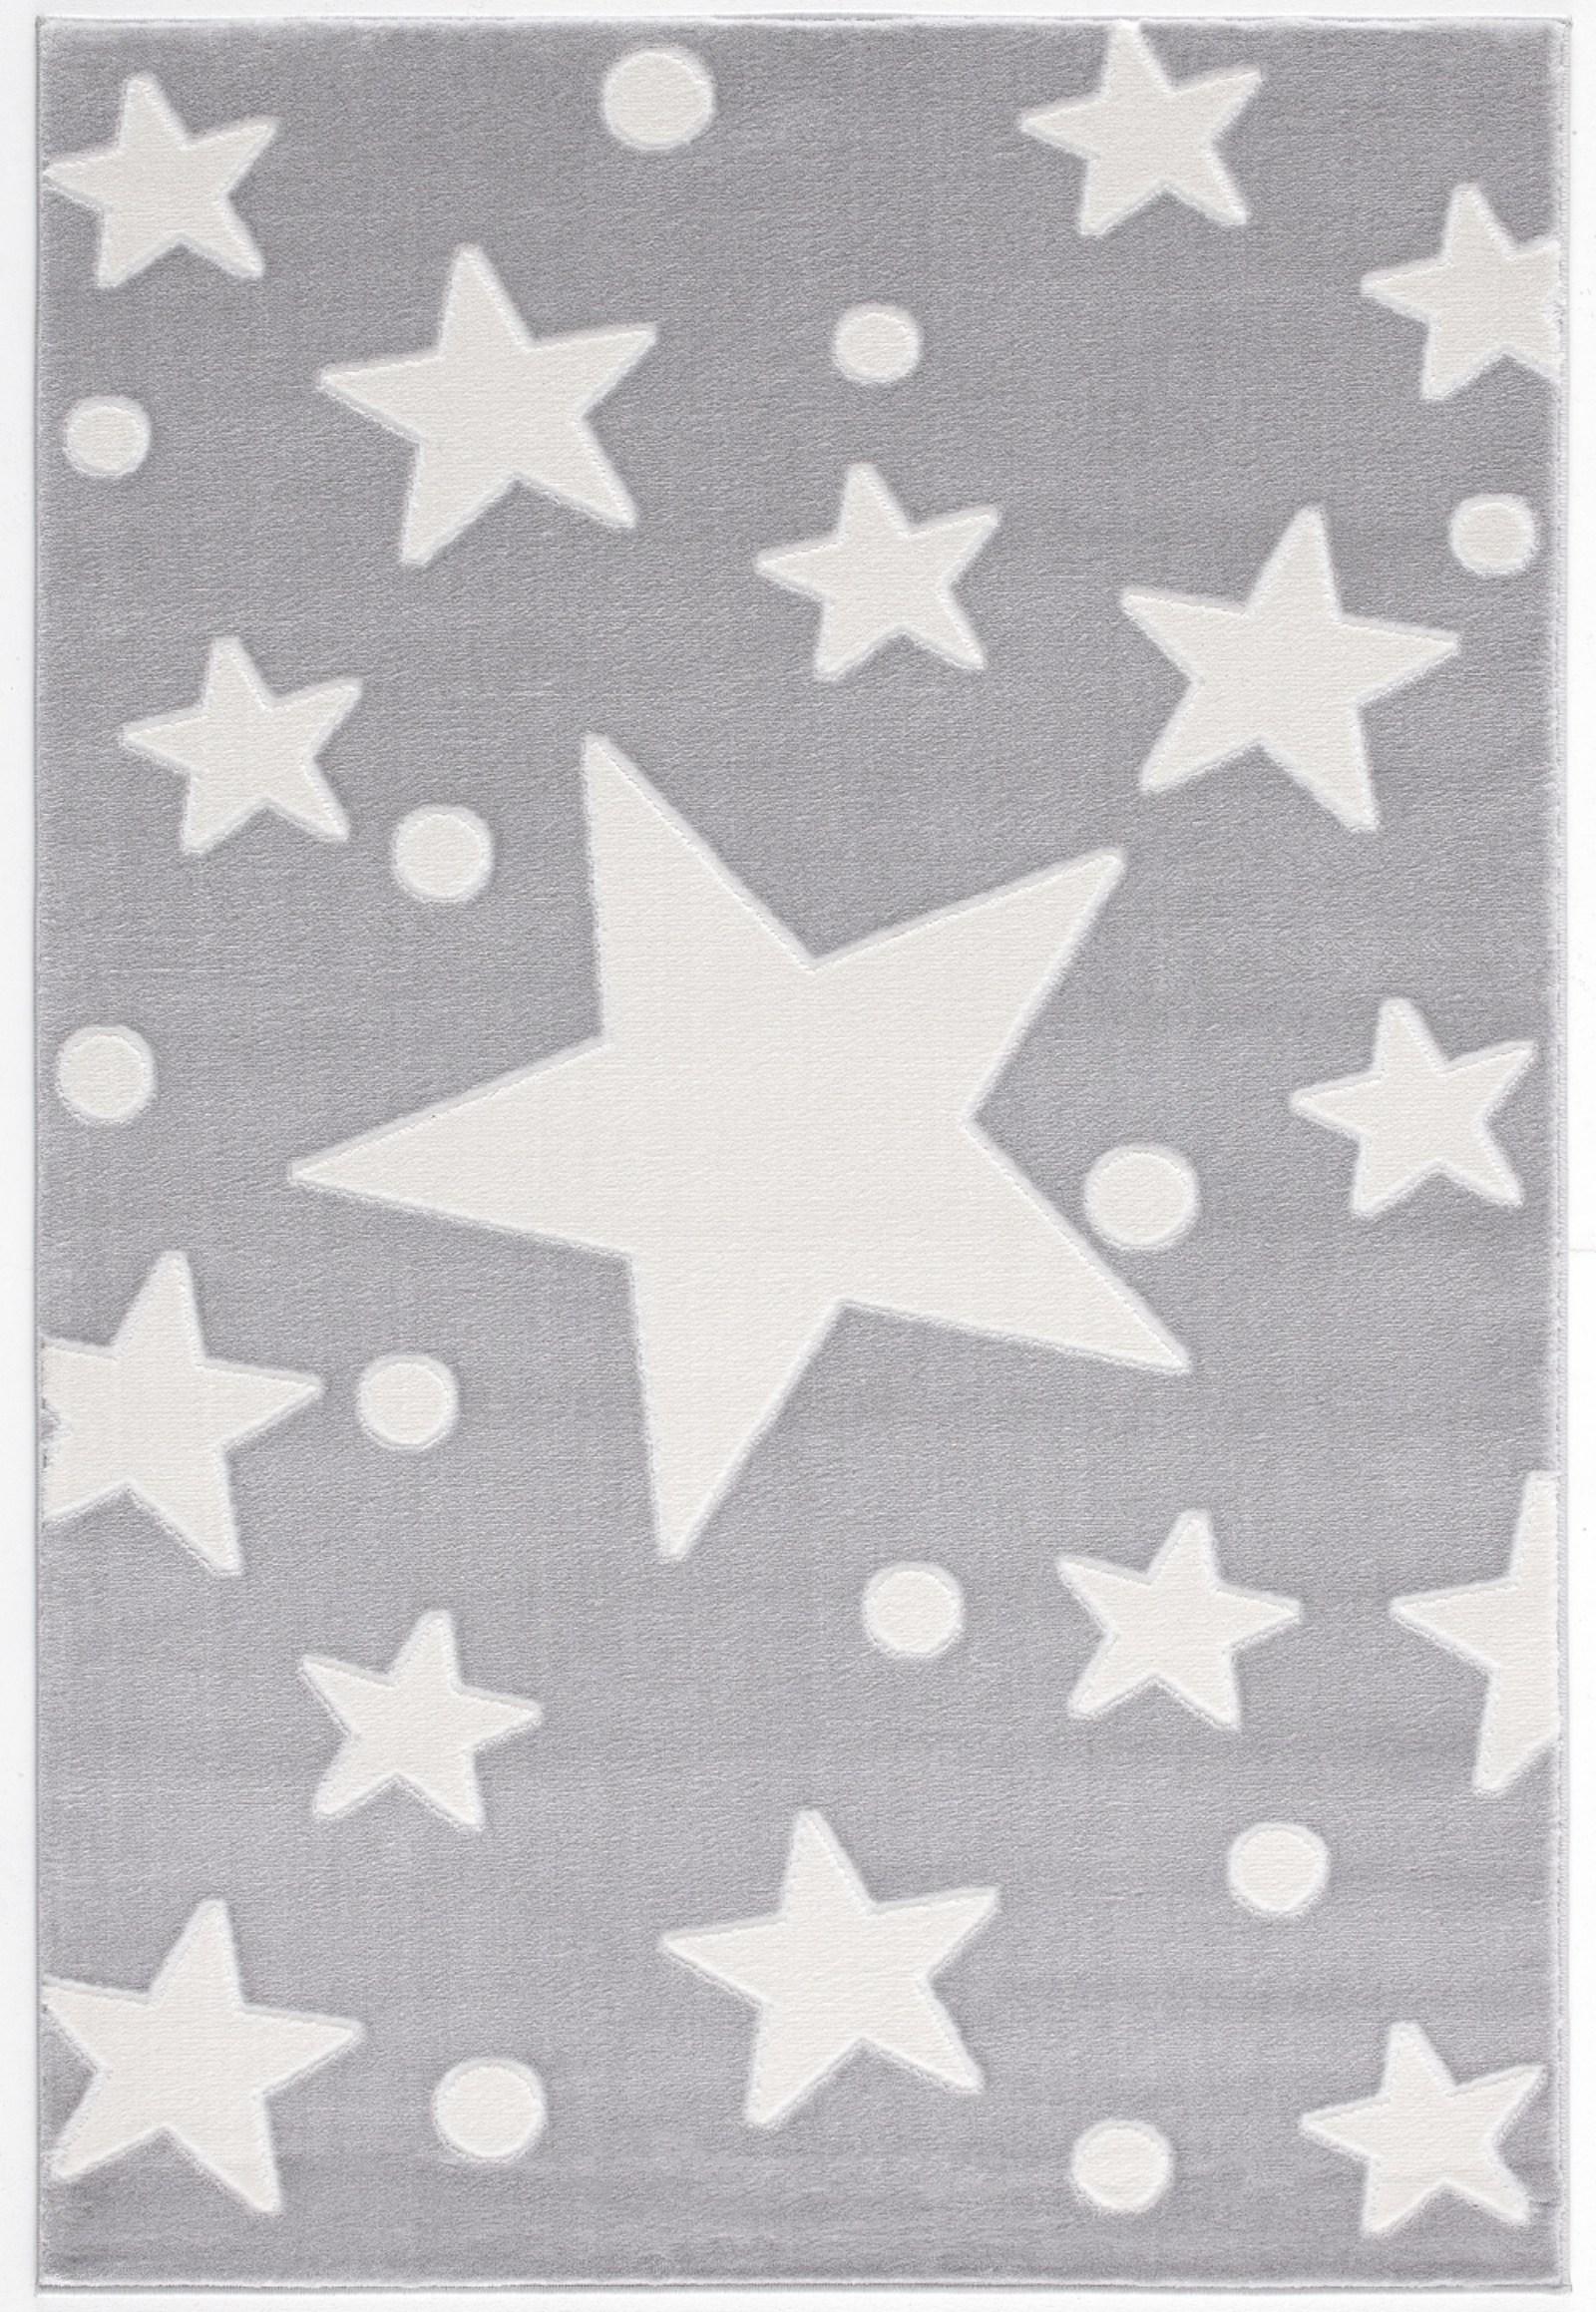 Dětský koberec hvězdy - šedá-bílá  100x160cm